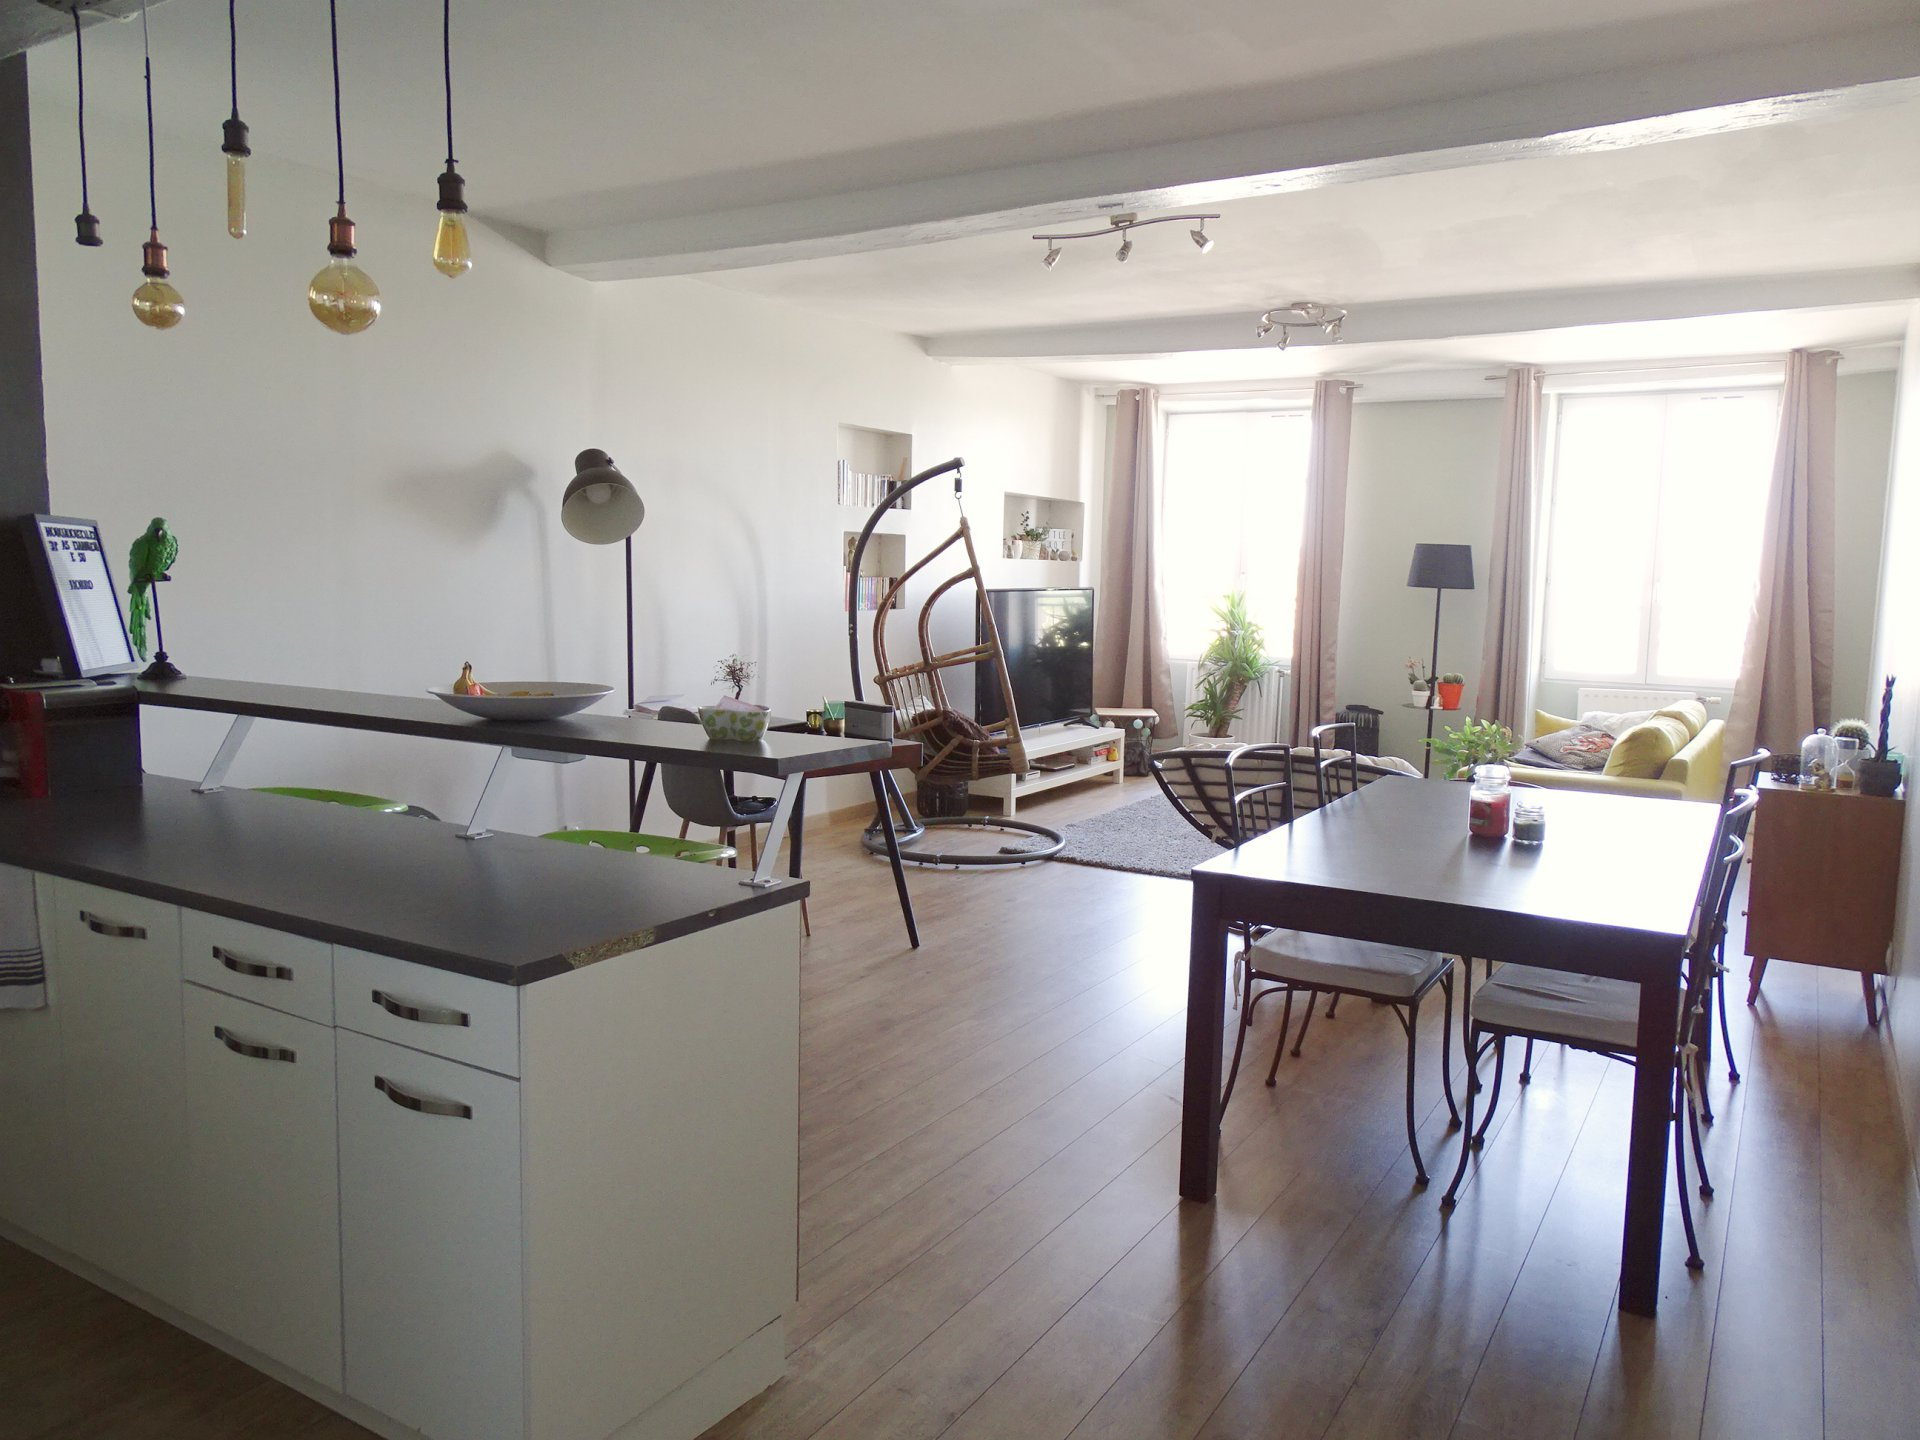 SOUS COMPROMIS DE VENTE  Mâcon - centre ville, venez découvrir cet appartement rénové avec goût d'une surface de 86 m² environ. Disposant d'une très belle vue sur la Saône, il se compose d'une agréable et lumineuse pièce de vie avec cuisine, d'une spacieuse chambre de 21 m² avec son dressing, d'une salle d'eau ainsi que d'un toilette séparé. Petite copropriété à faibles charges ( les charges sont de 180 euros/trimestre - 5 lots). Honoraires à la charge du vendeur.